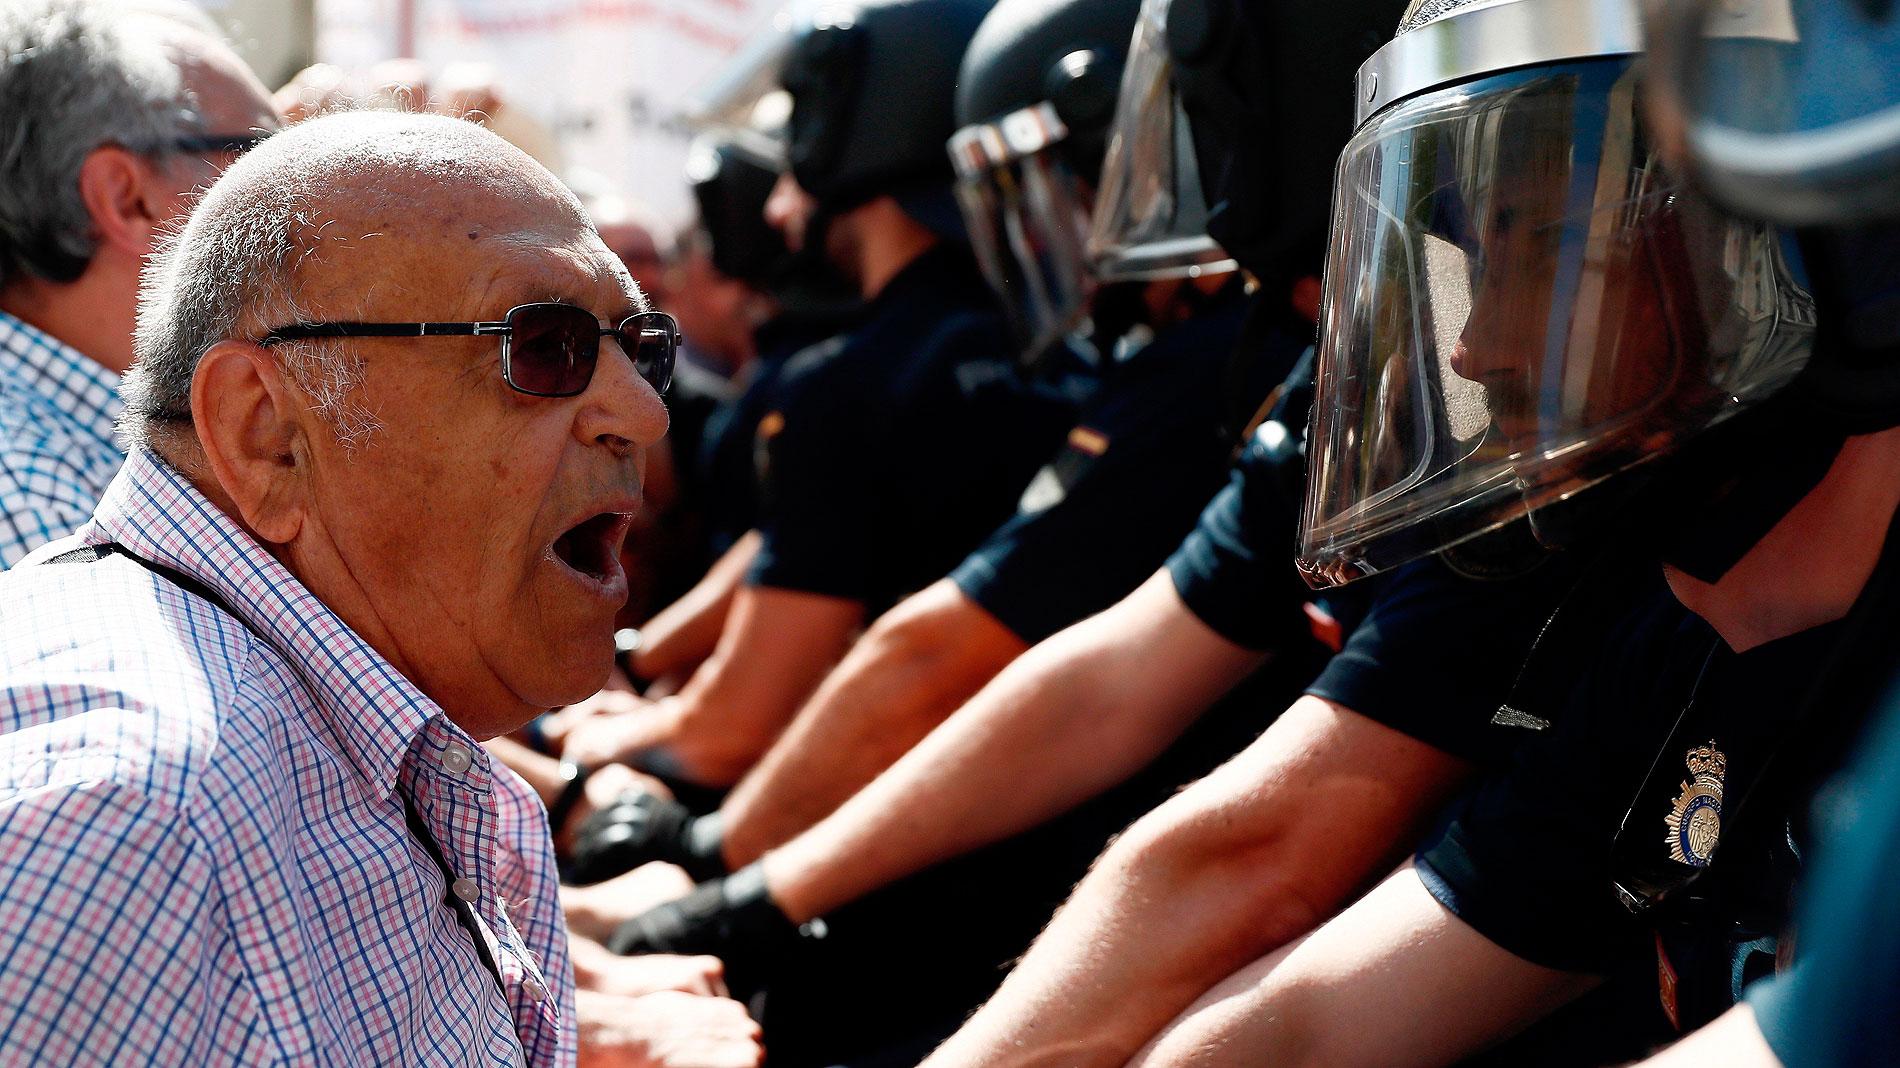 Tensión entre pensionistas y la Policía a las puertas del Congreso